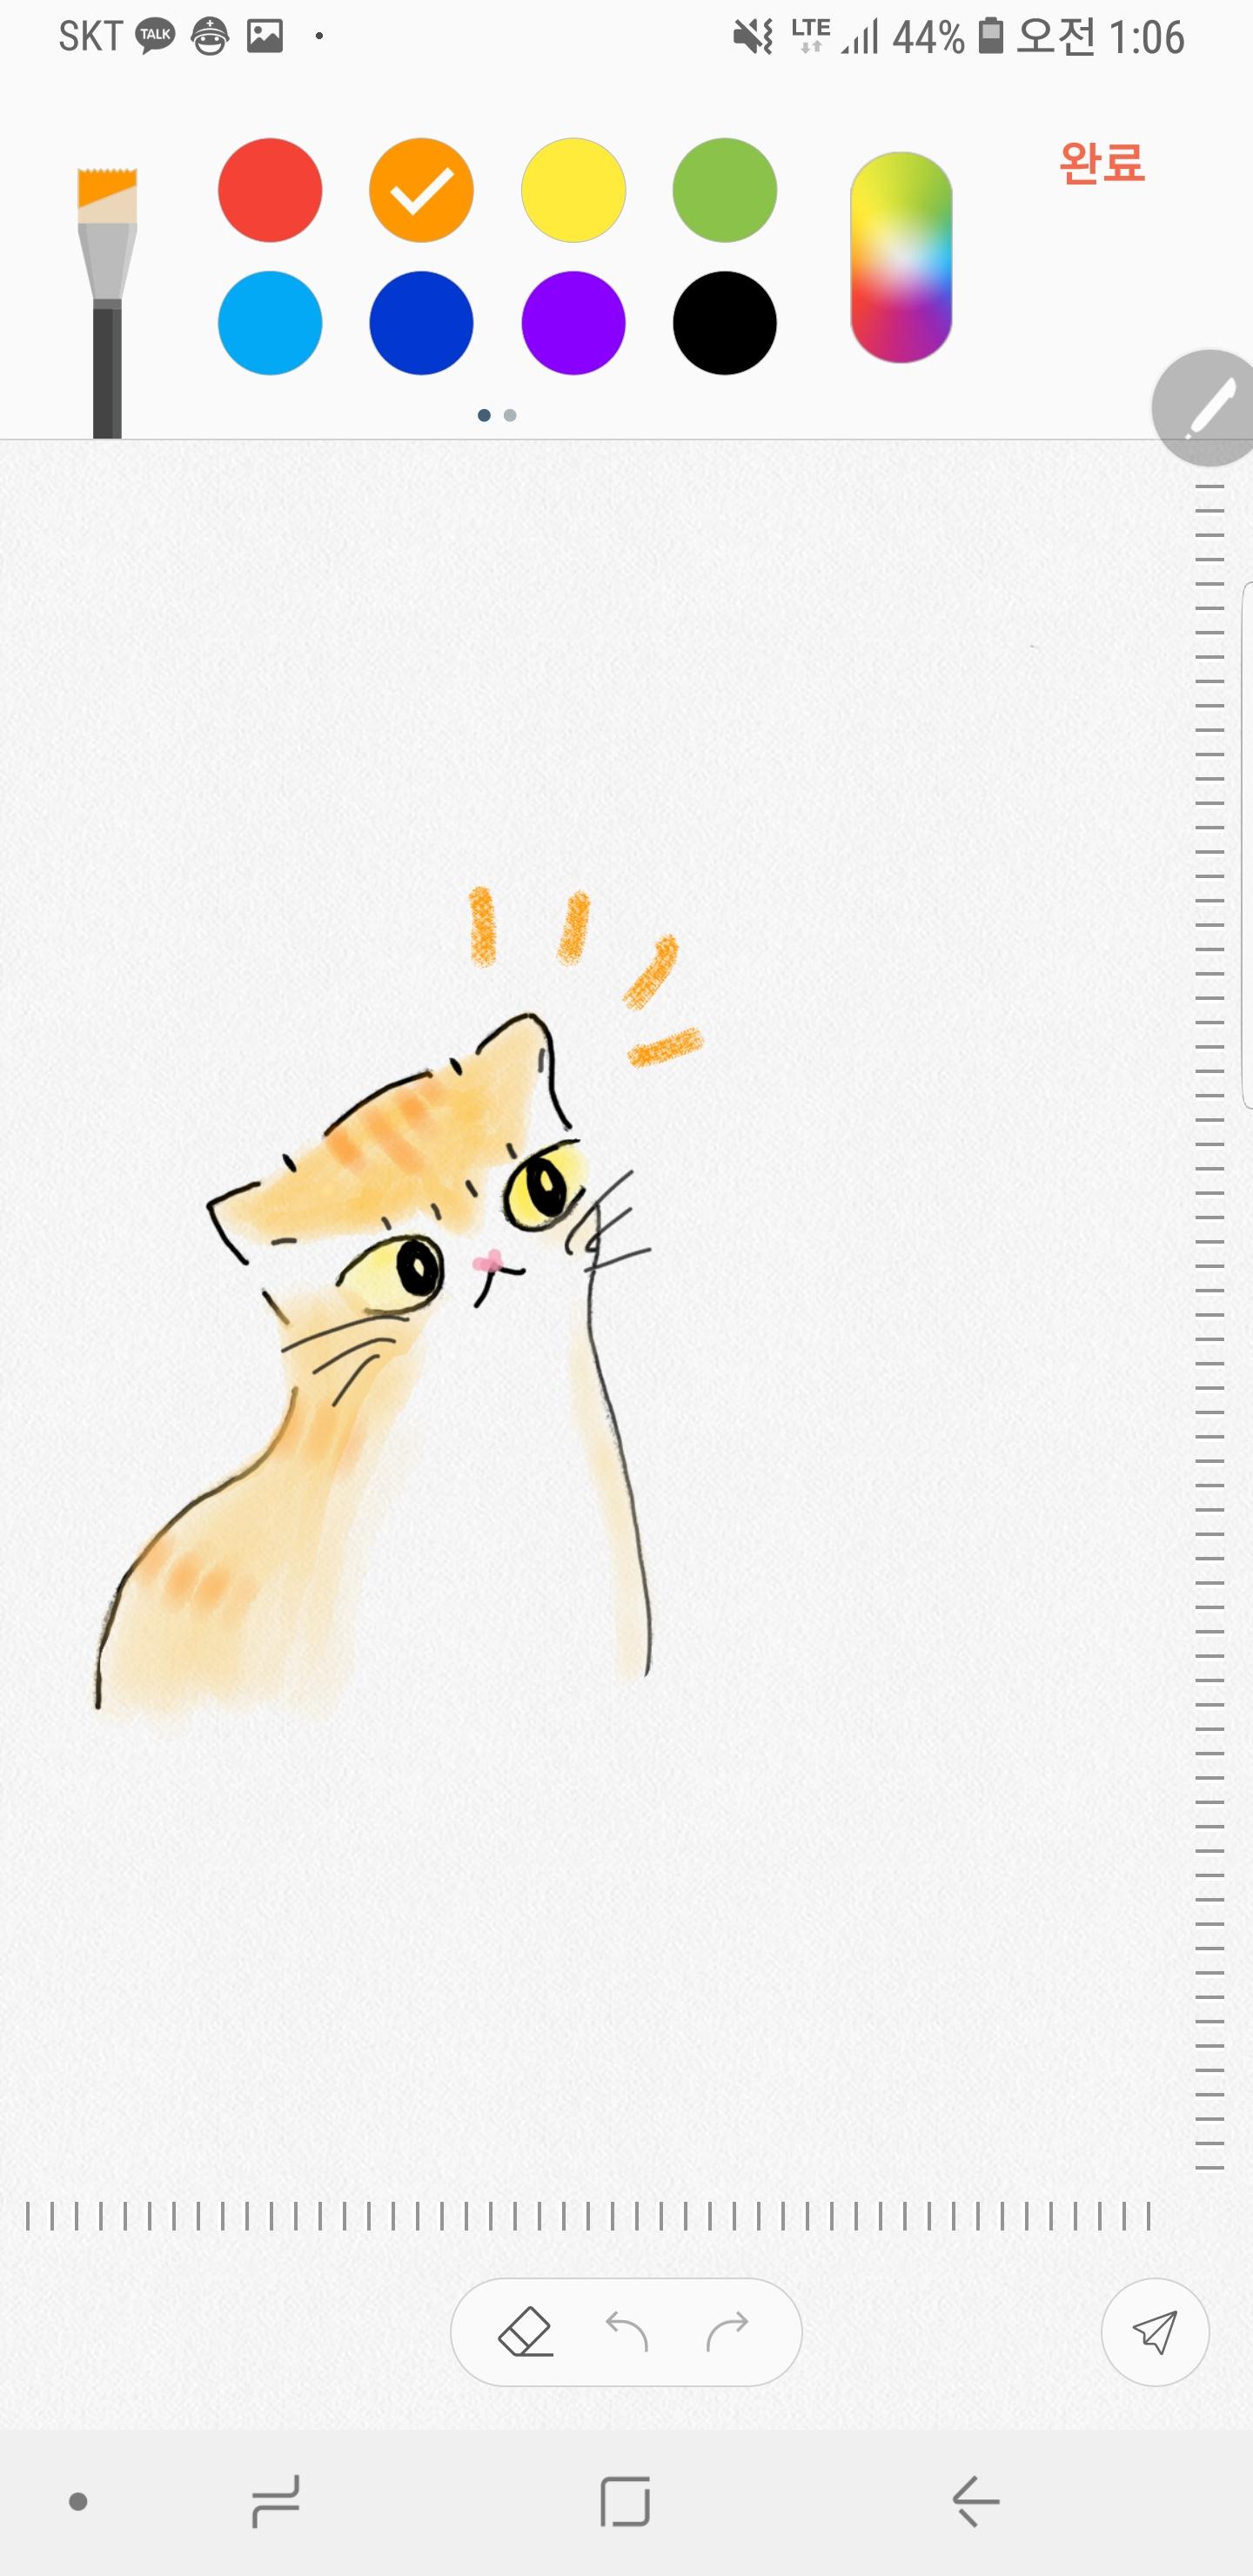 고양이 그림_노트8